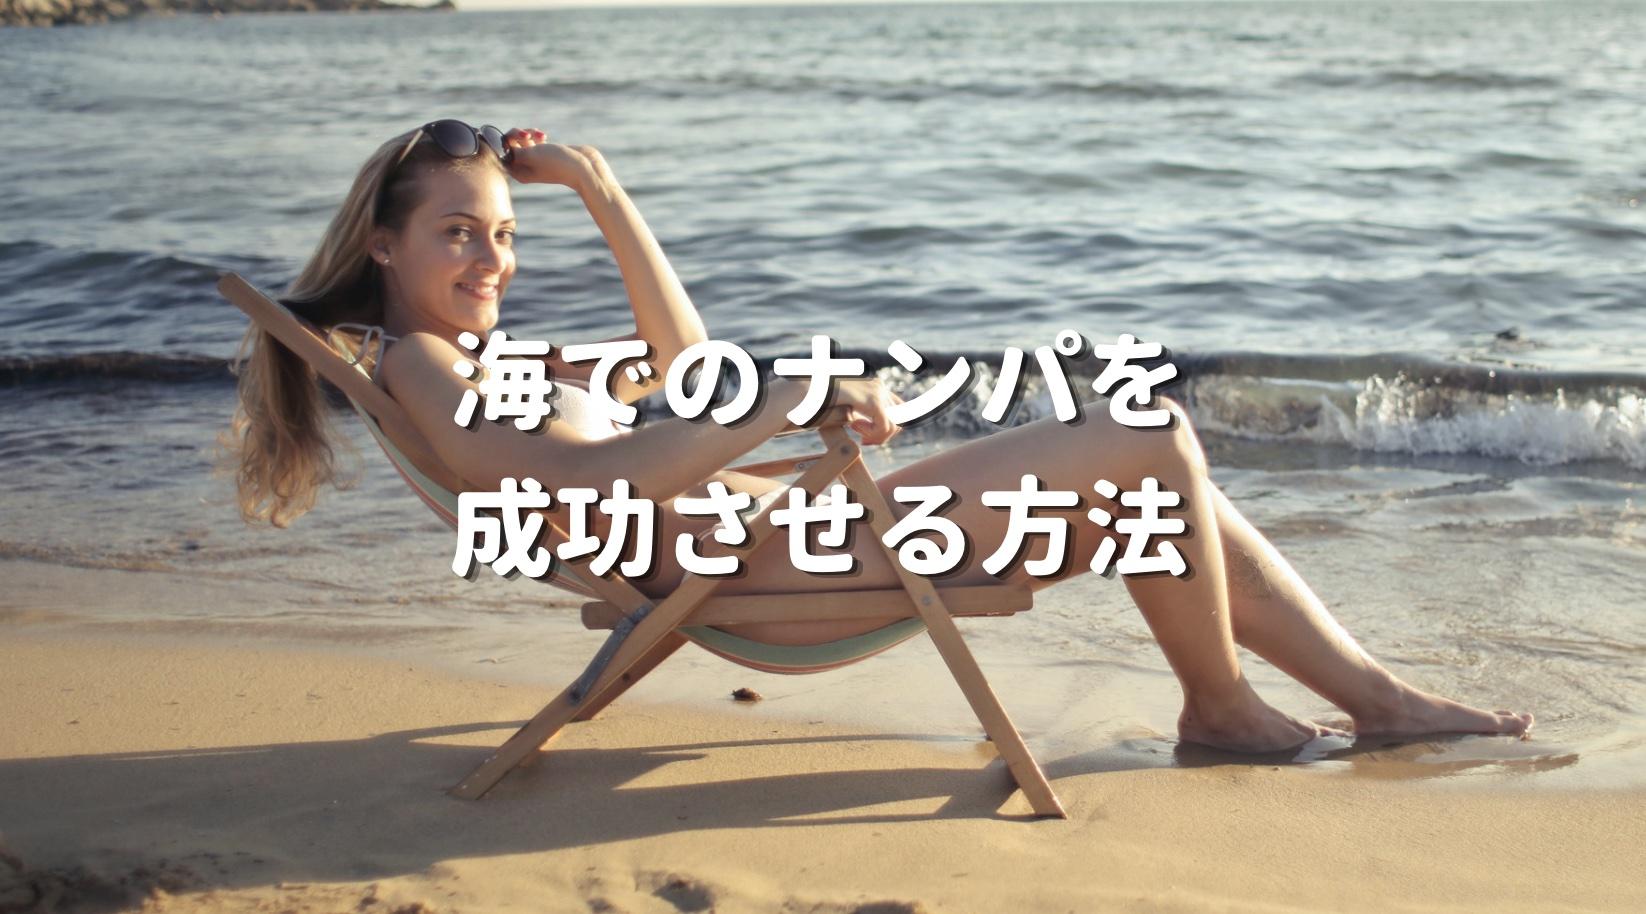 男性なら読むべき【海でのナンパを成功させる】とっておきの方法